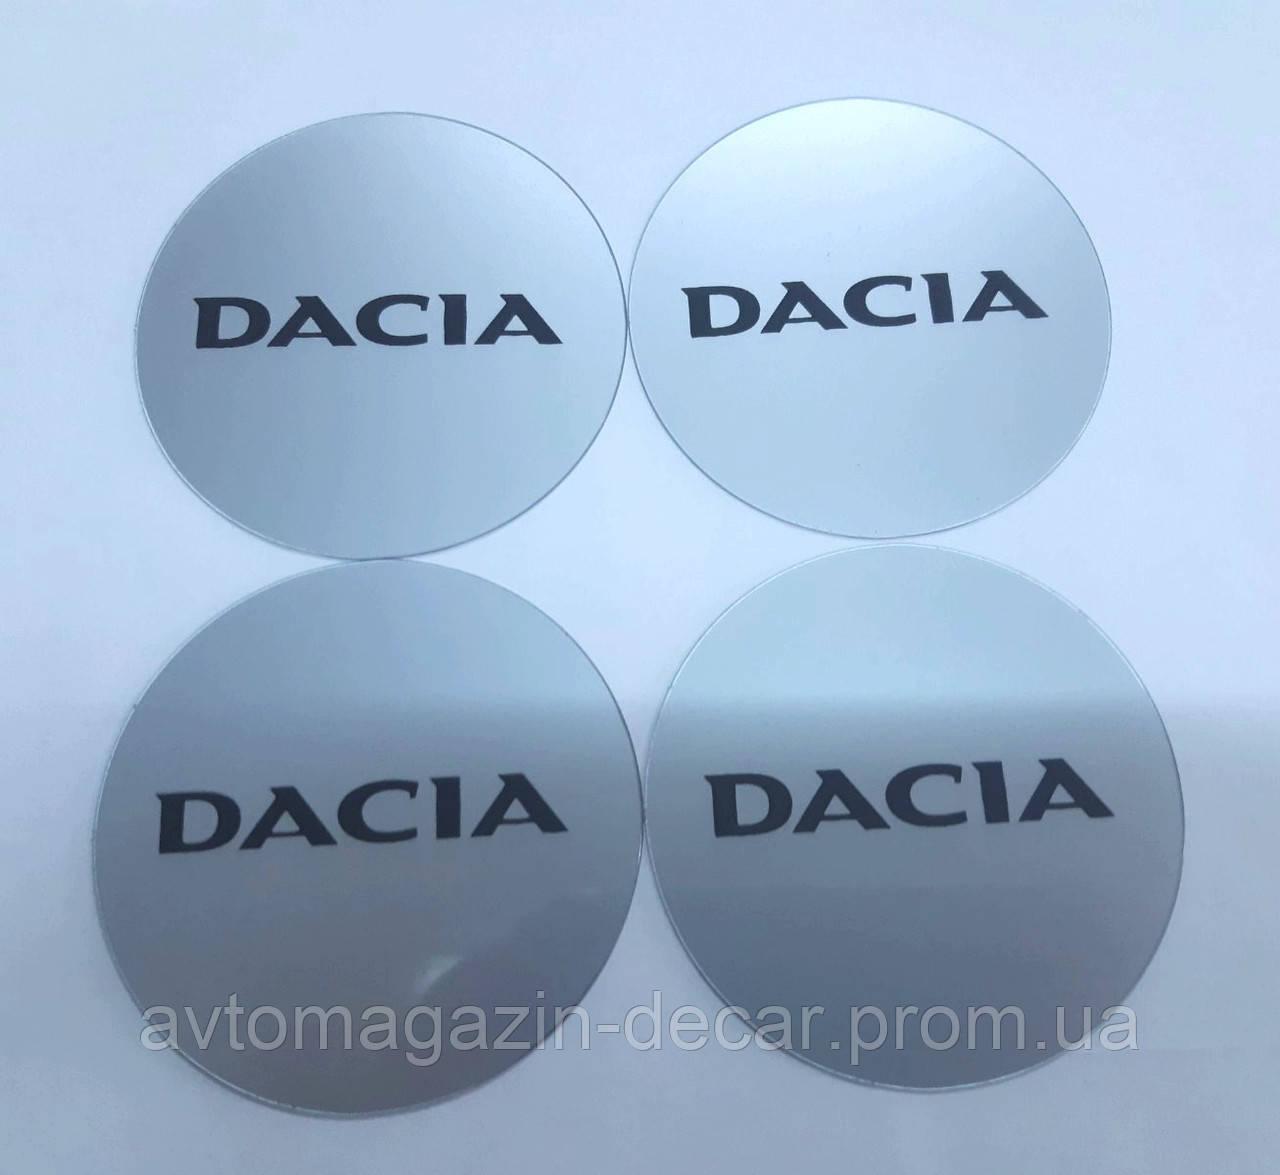 Логотипы к колпаку SKS Dacia (4шт) (отпускается на 1 комплект колпака)